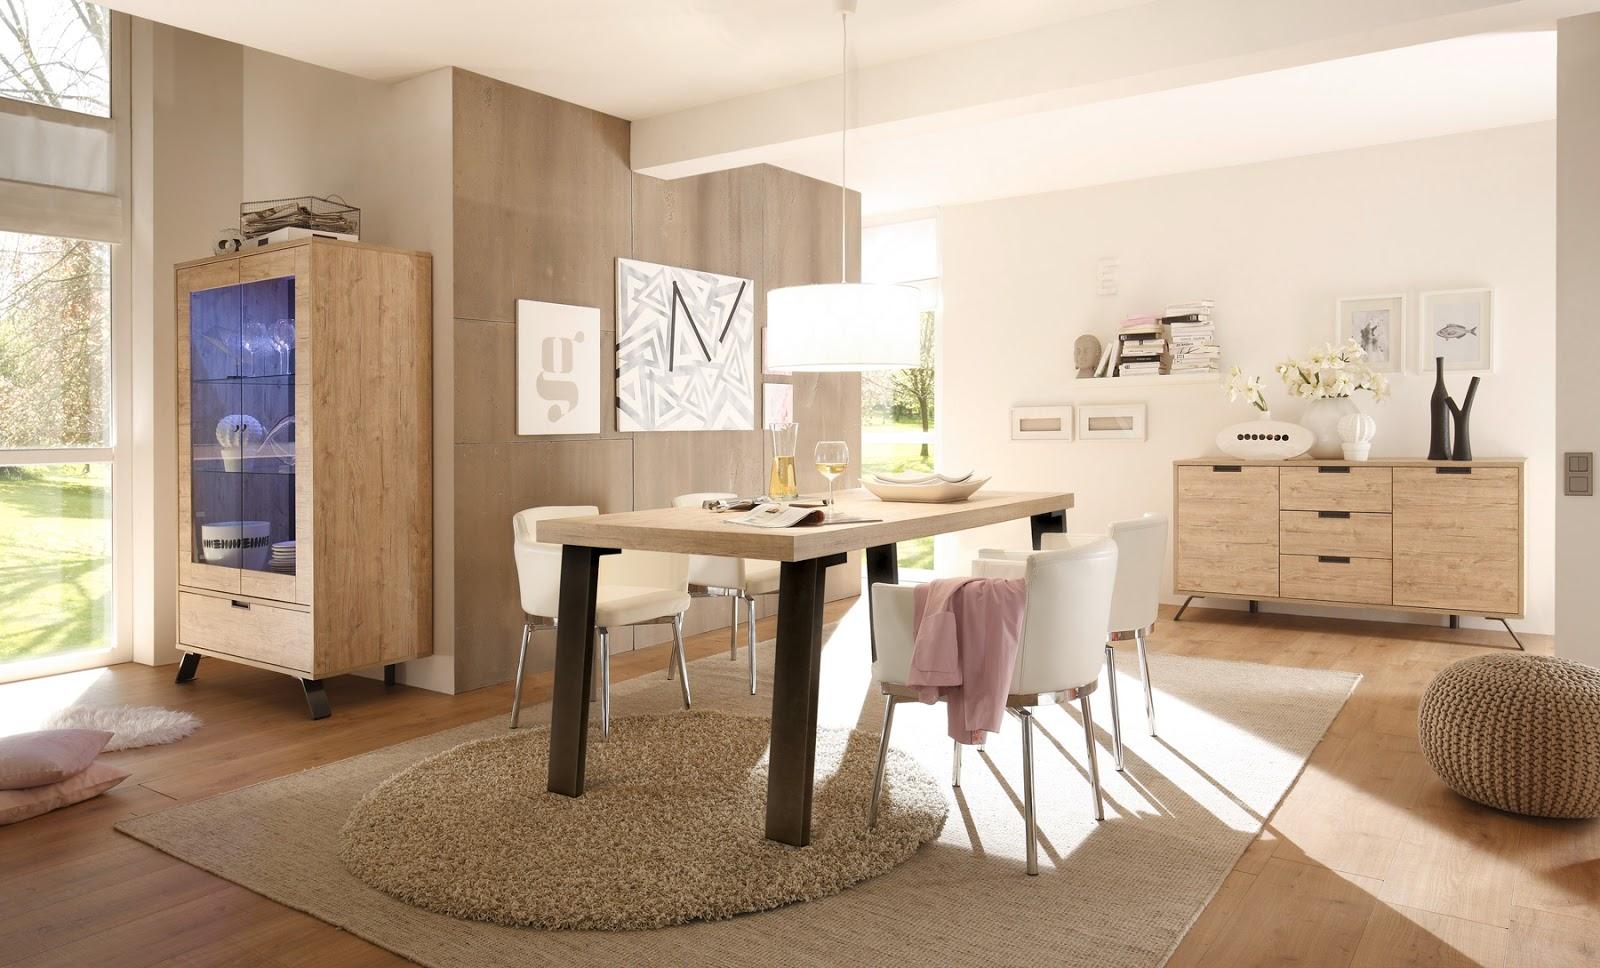 Wohnzimmer+eckschrank+ +11140